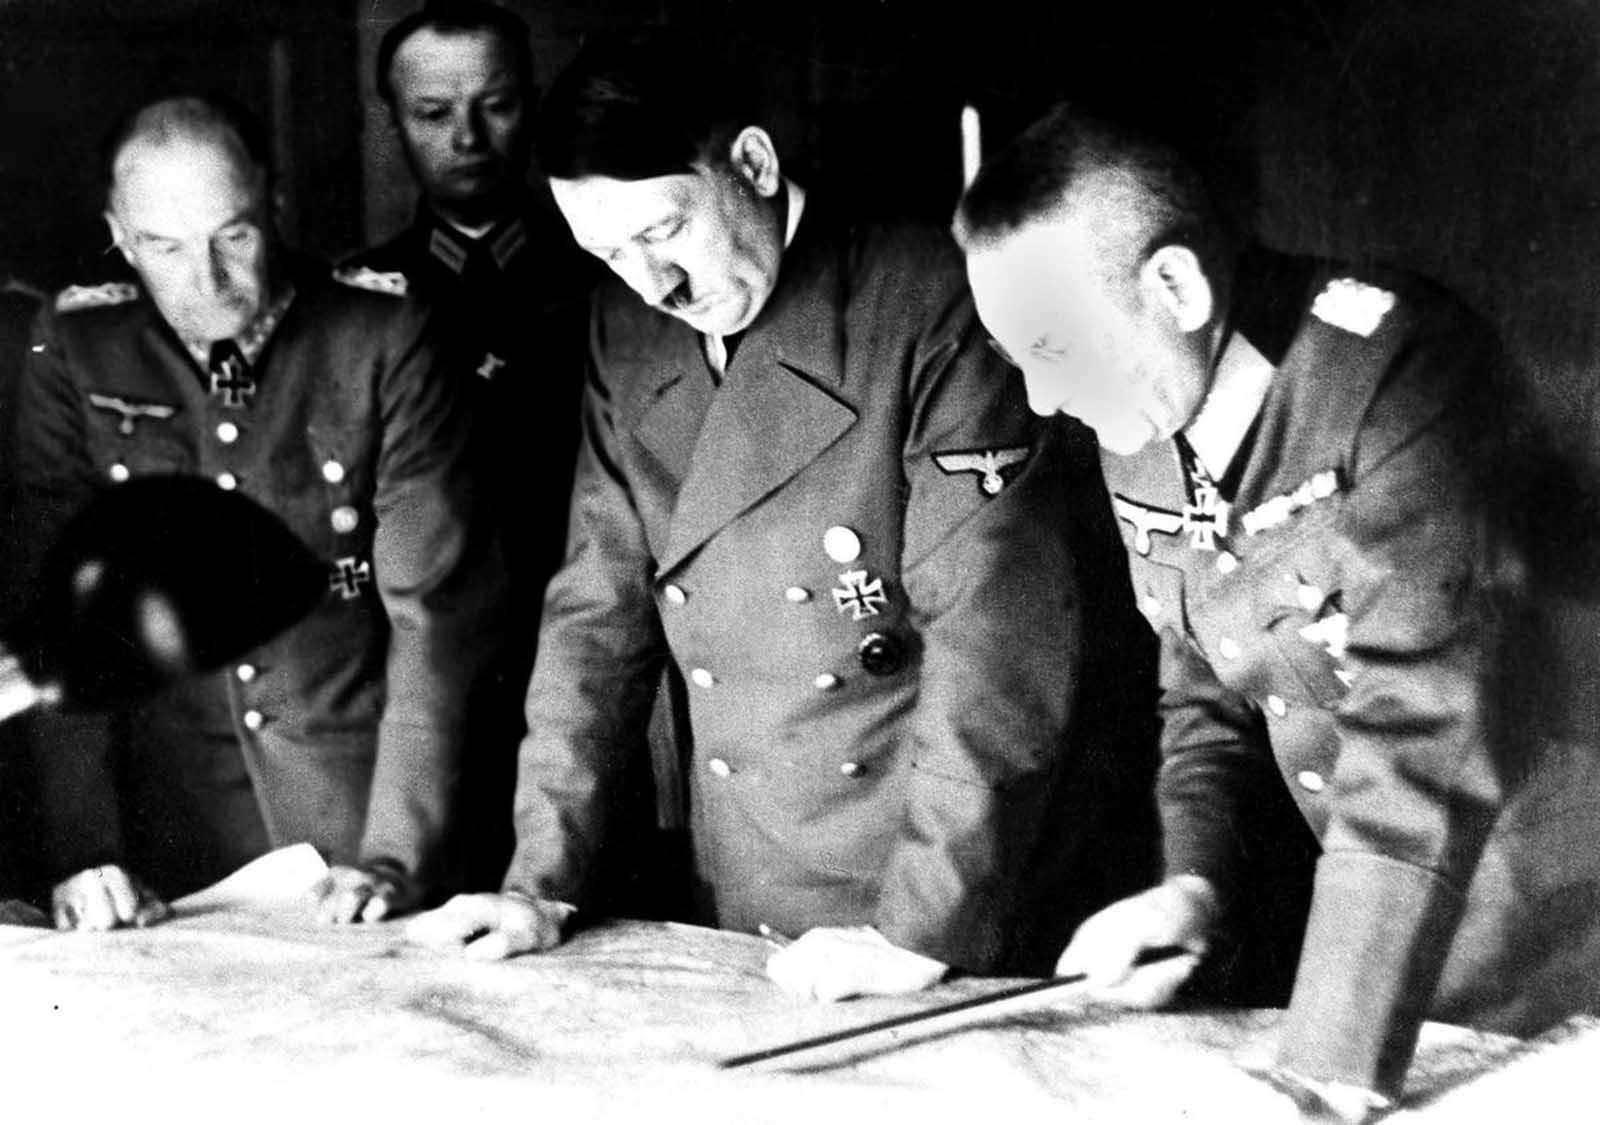 صورة لأدولف هتلر وهو يناقش عملية غزو الإتحاد السوفيتي مع جنرالاته